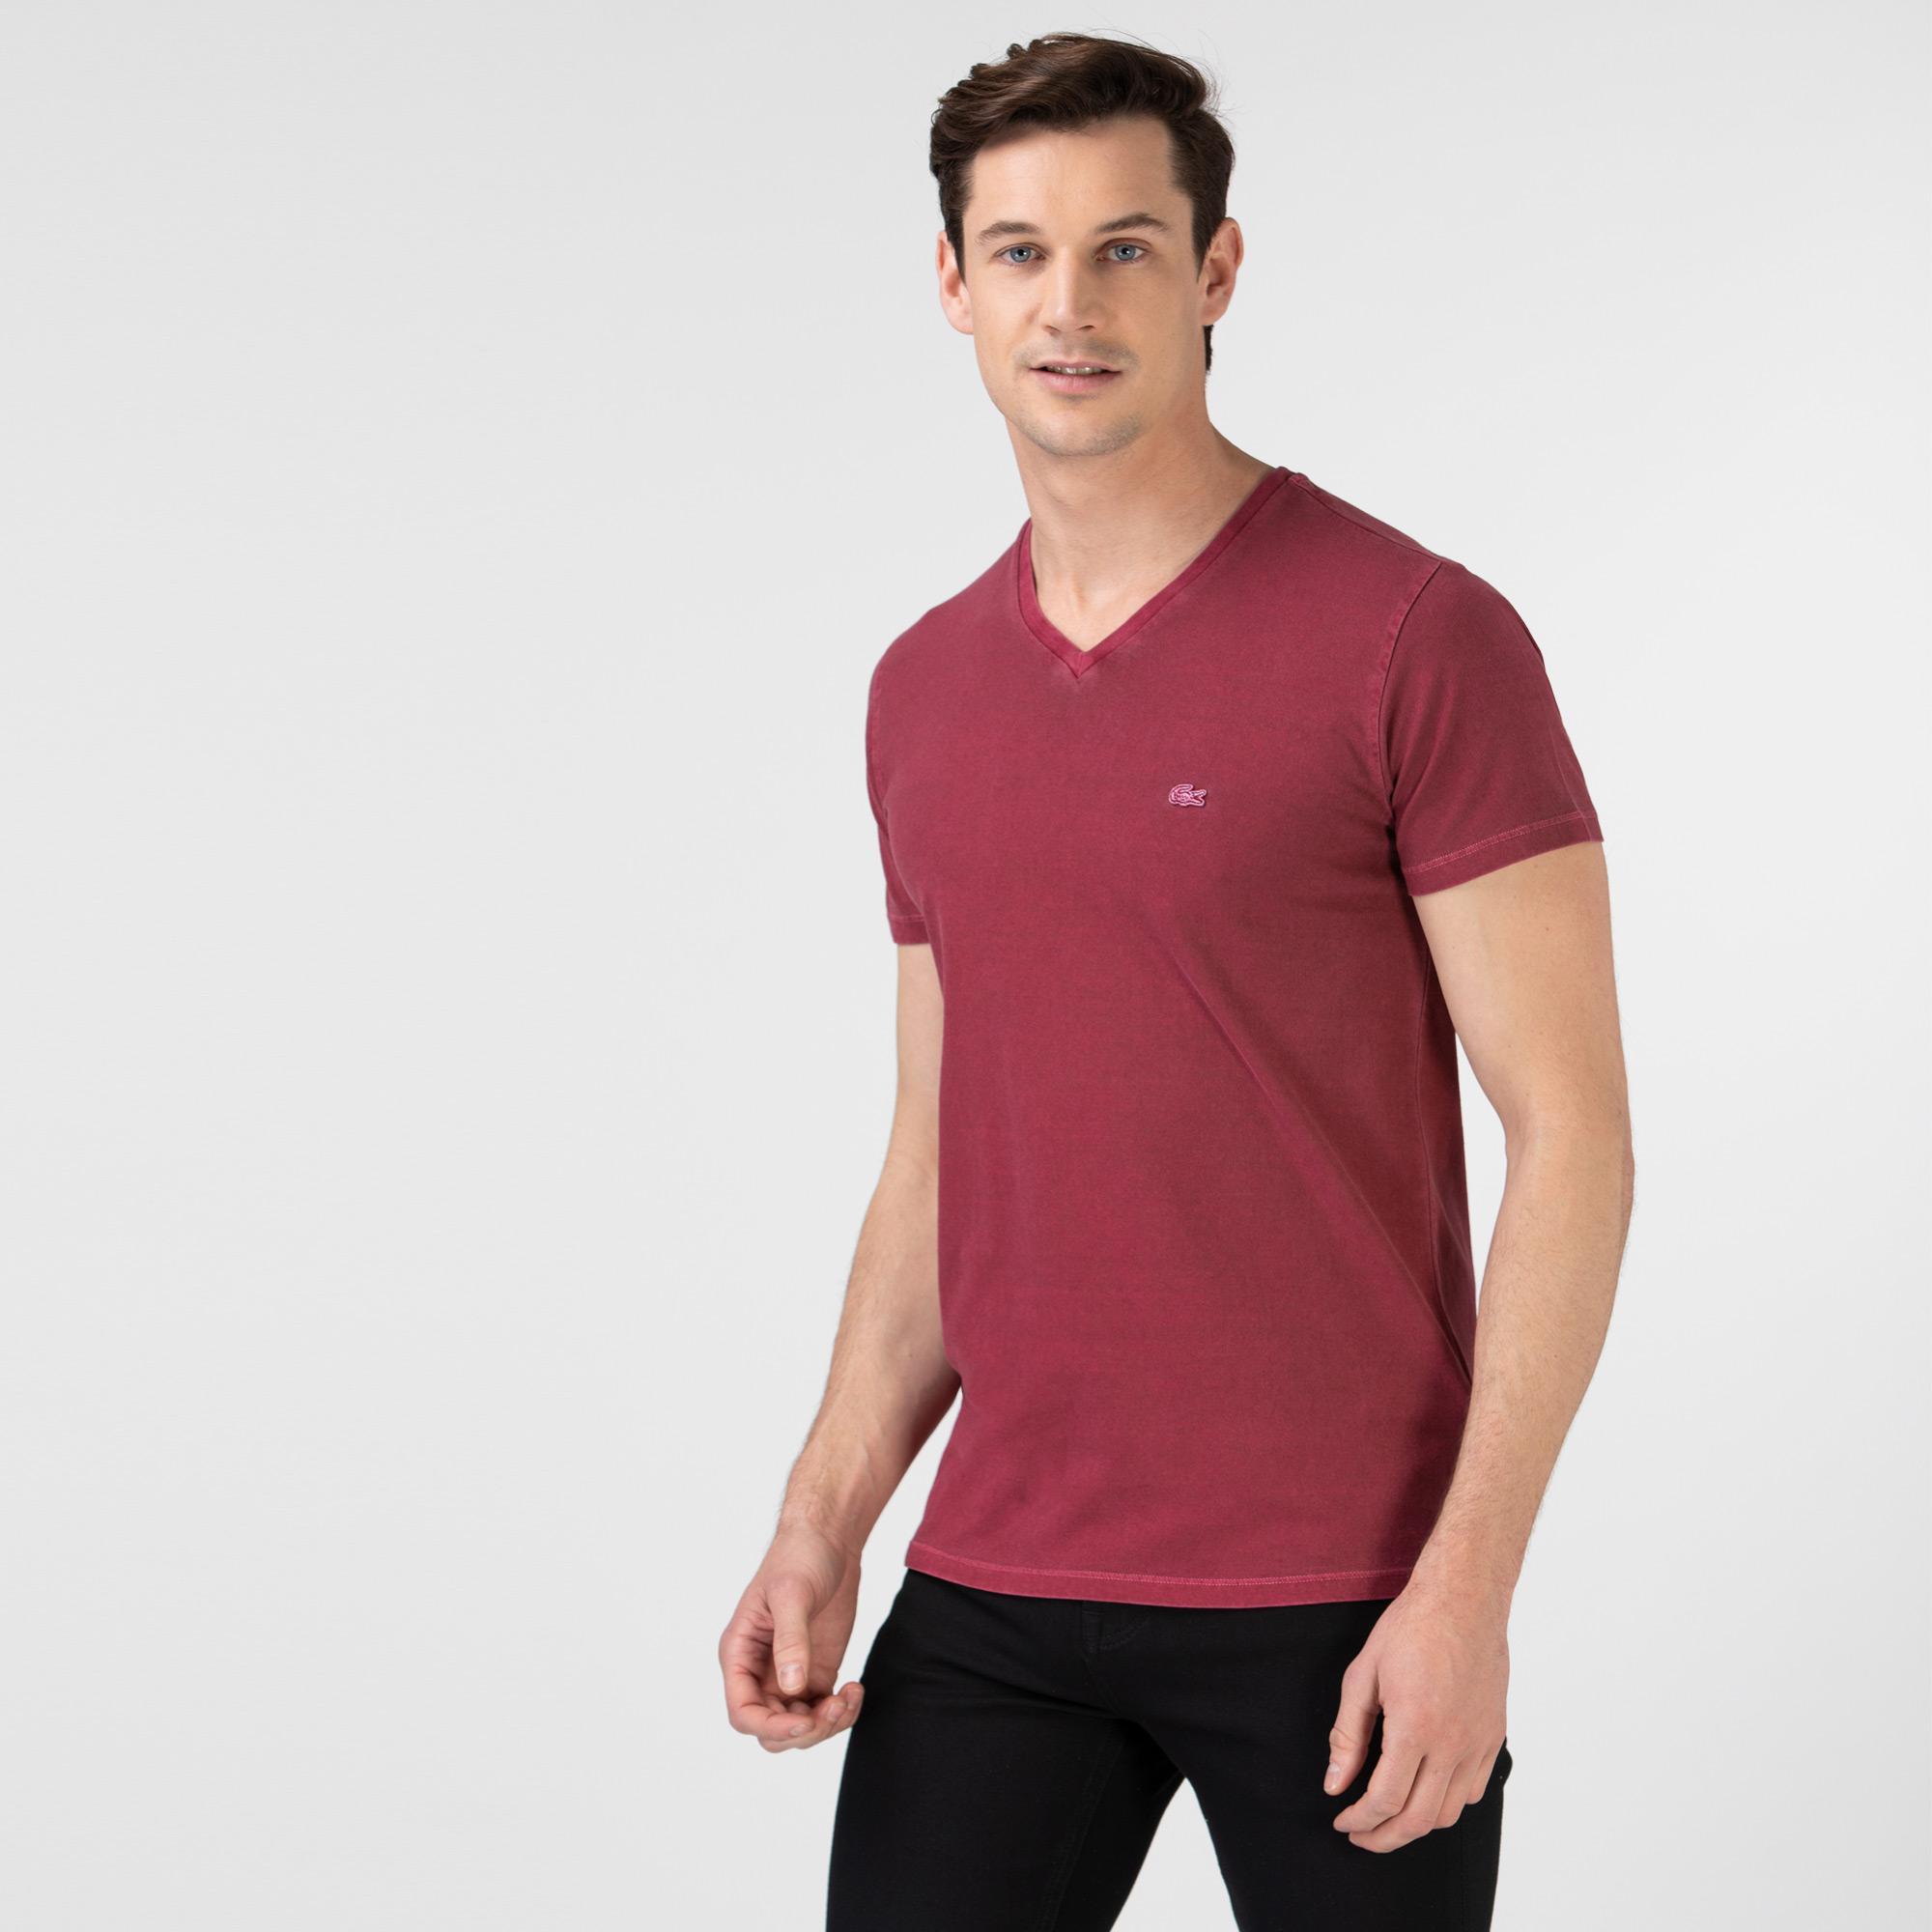 Lacoste Erkek Slim Fit V Yaka Bordo T-Shirt